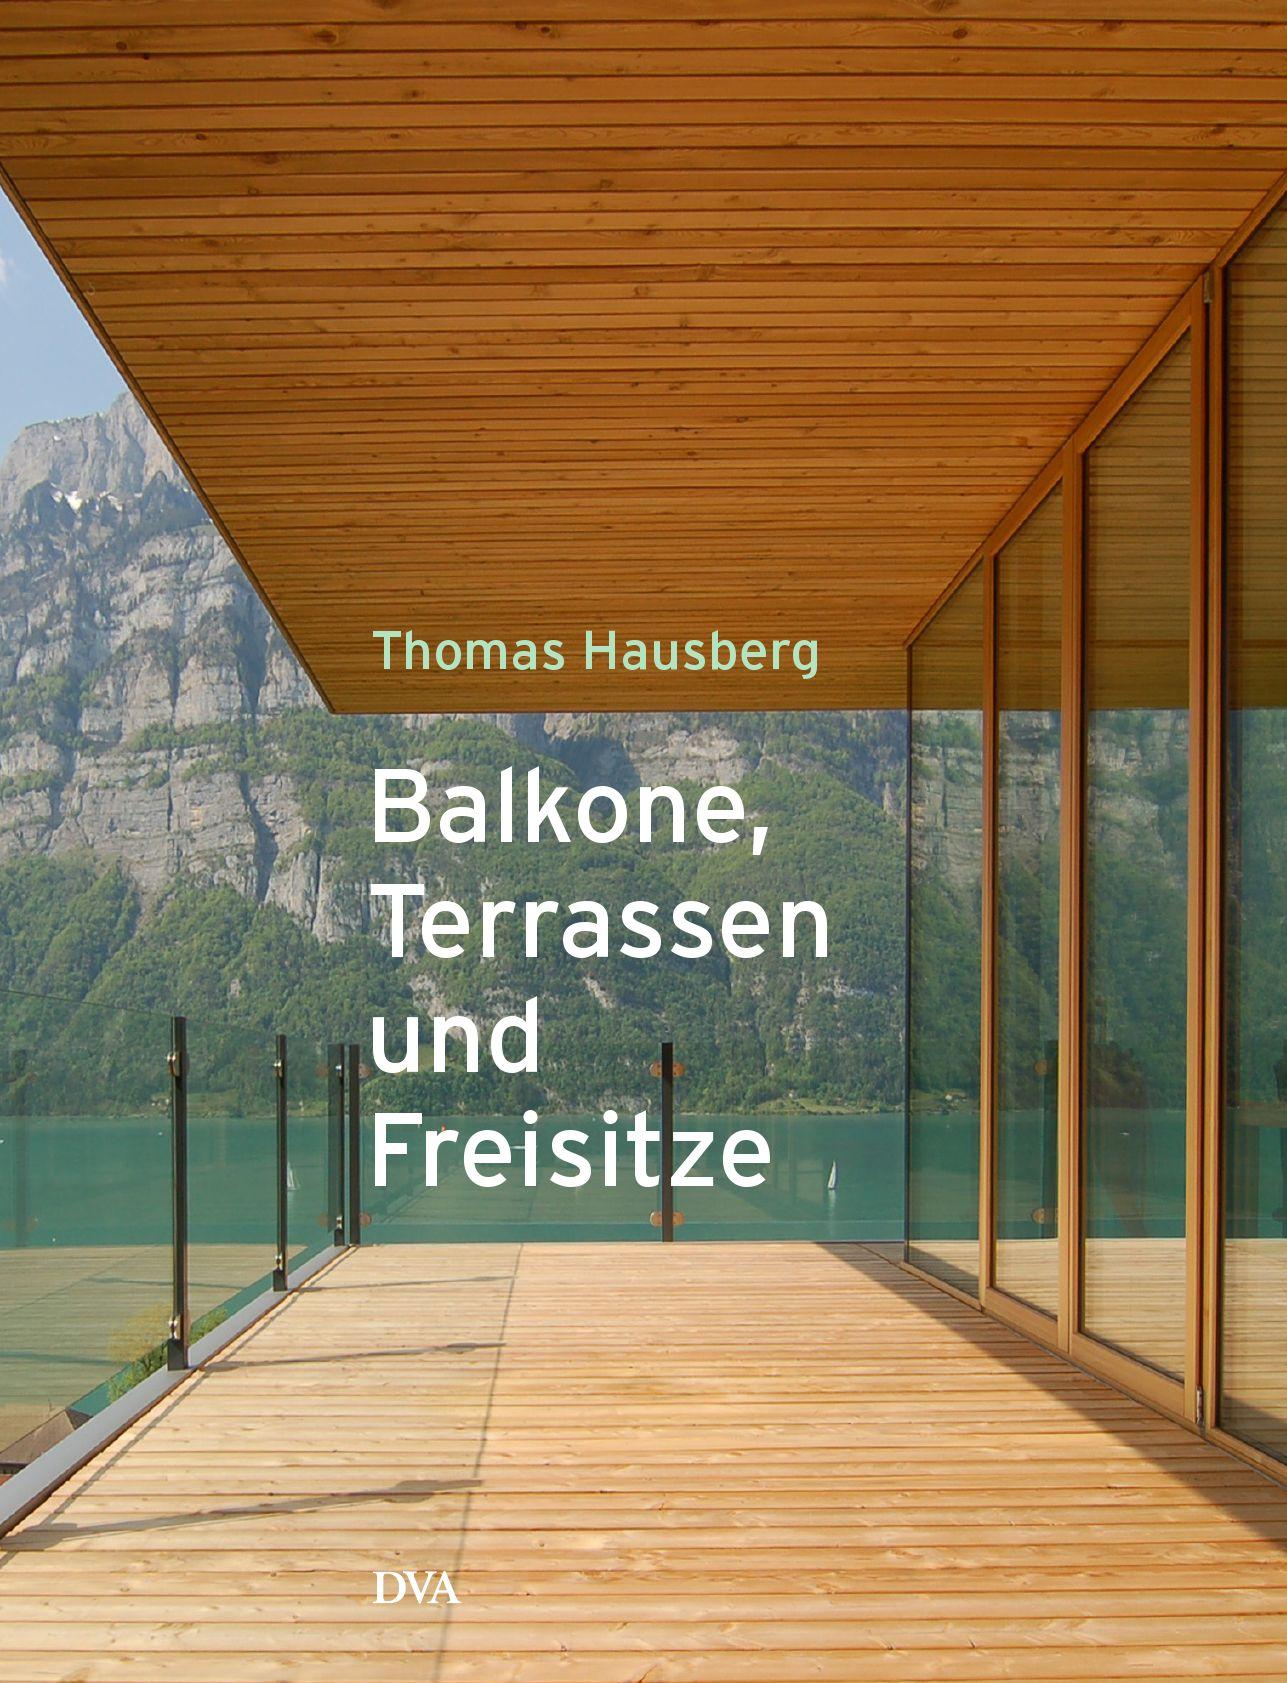 Balkone. Terrassen Und Freisitze By Thomas Hausberg - Issuu